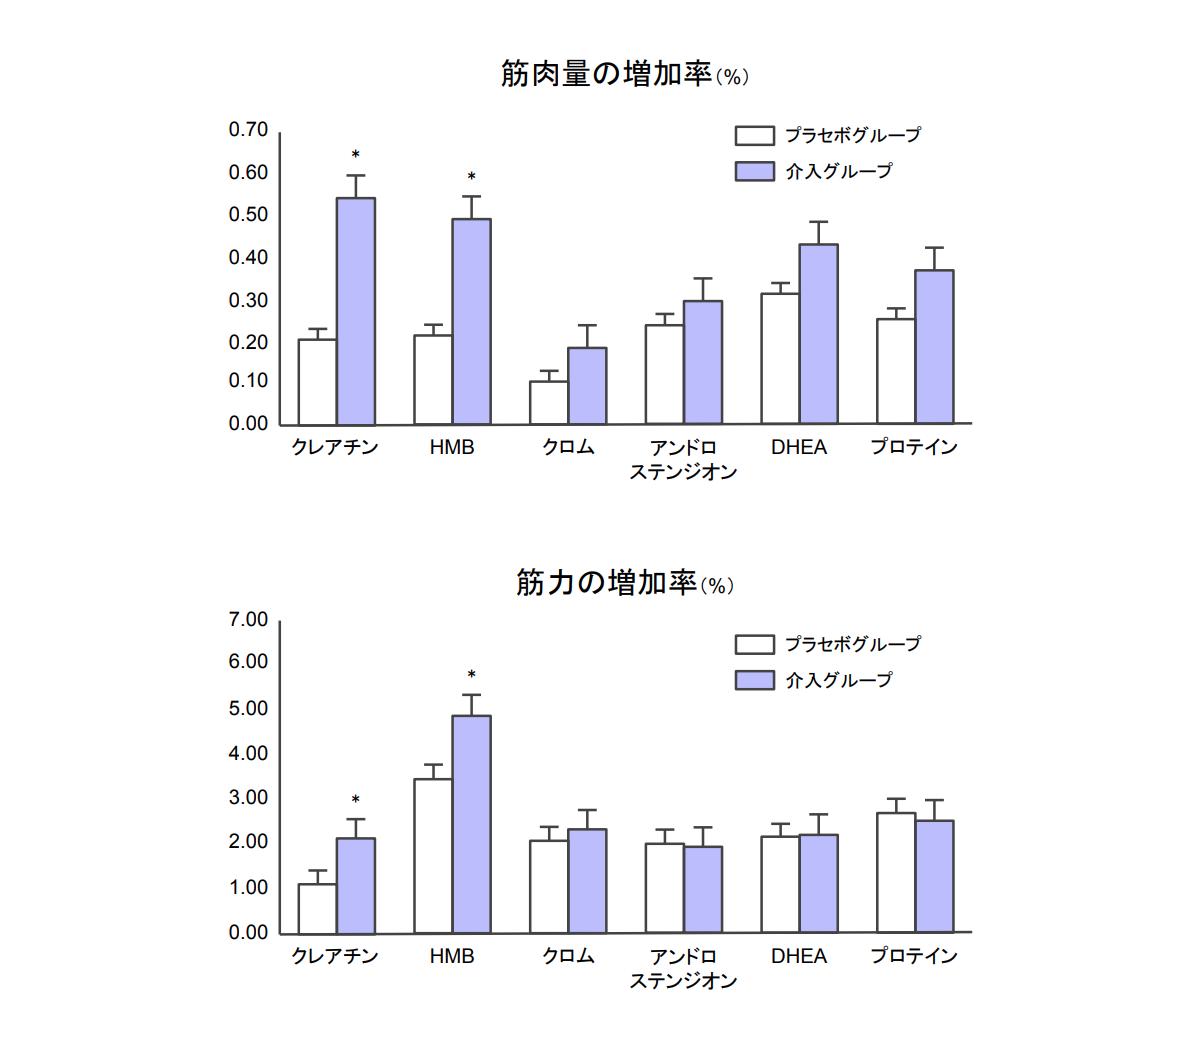 f:id:takumasa39:20200528130333p:plain